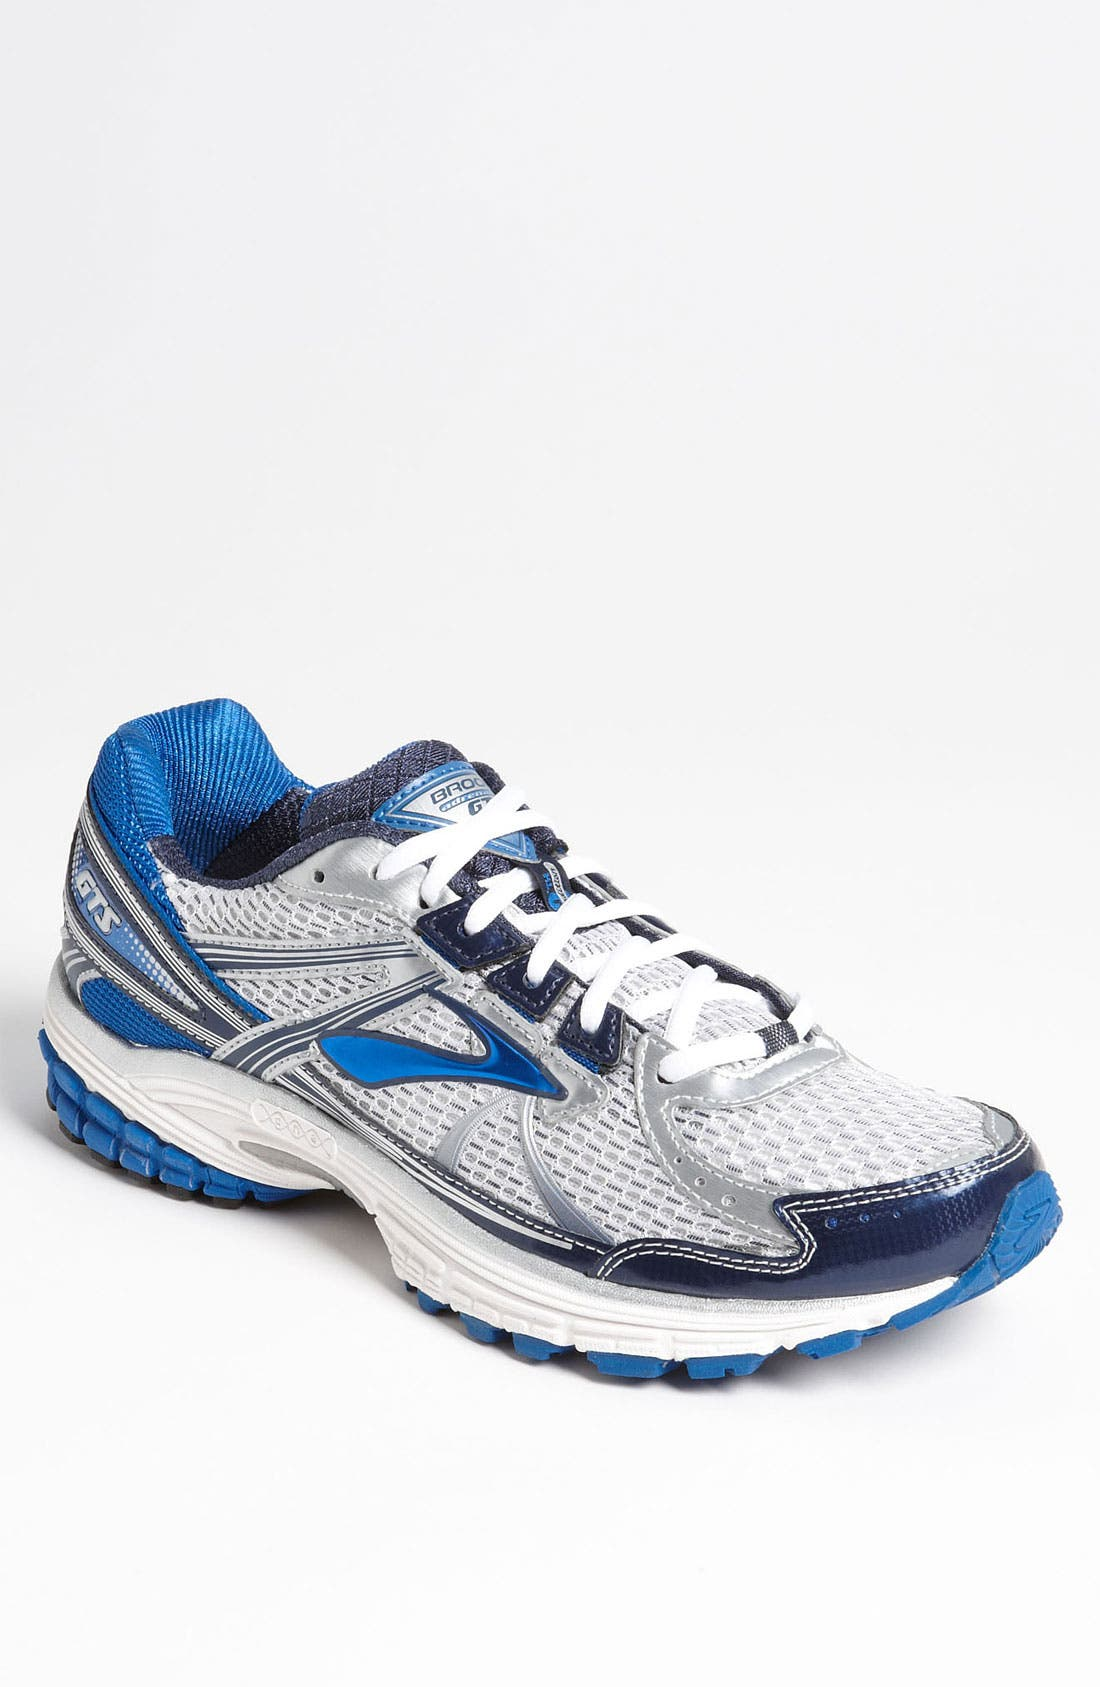 Alternate Image 1 Selected - Brooks 'Adrenaline GTS 13' Running Shoe (Men)(Regular Retail Price: $109.95)